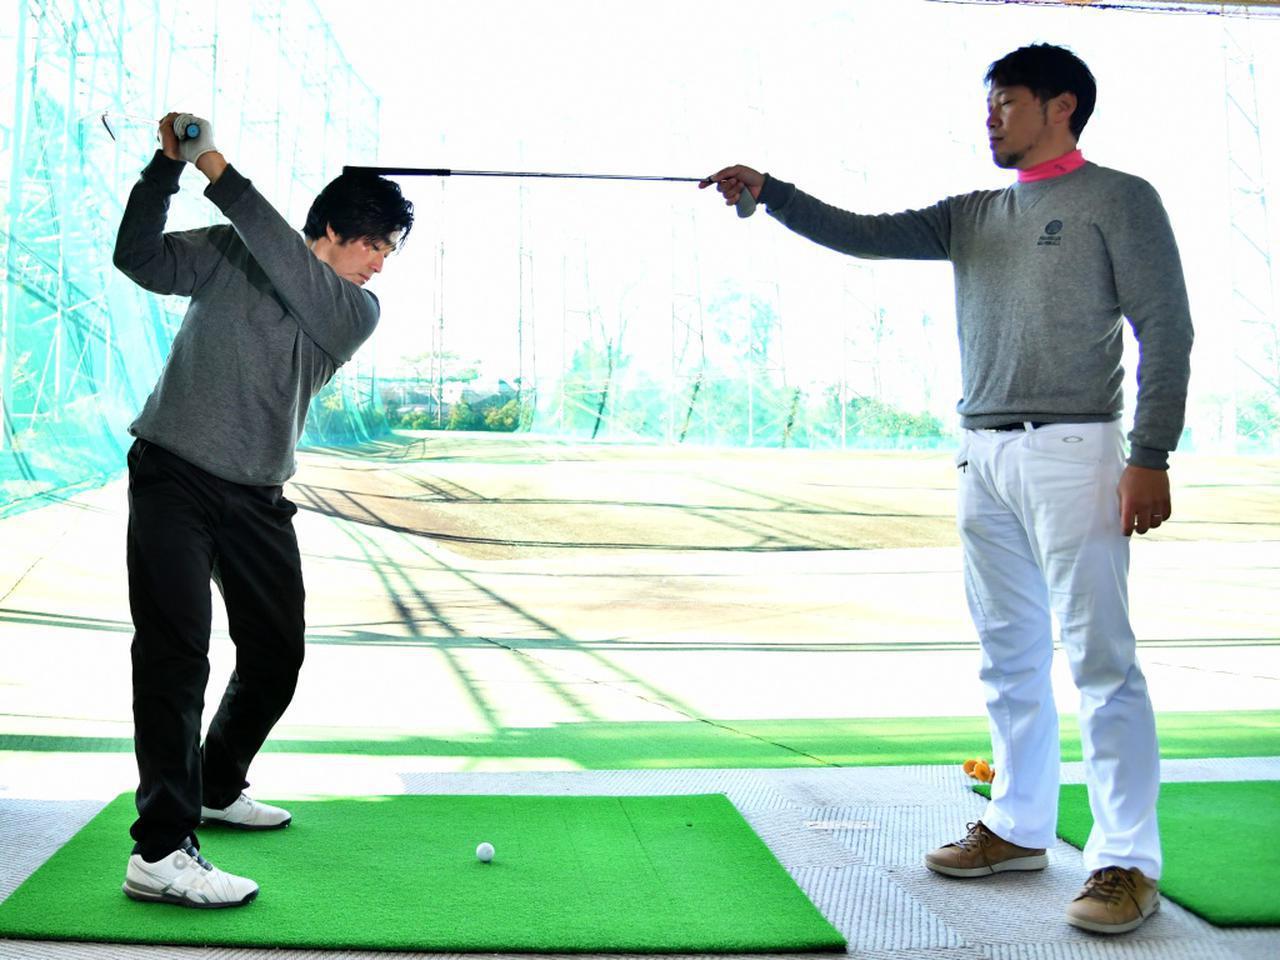 画像: 【アイアン】アイアンが飛ばないのは、沈み込みに原因あり? テークバックは頭の高さをキープしよう - ゴルフへ行こうWEB by ゴルフダイジェスト